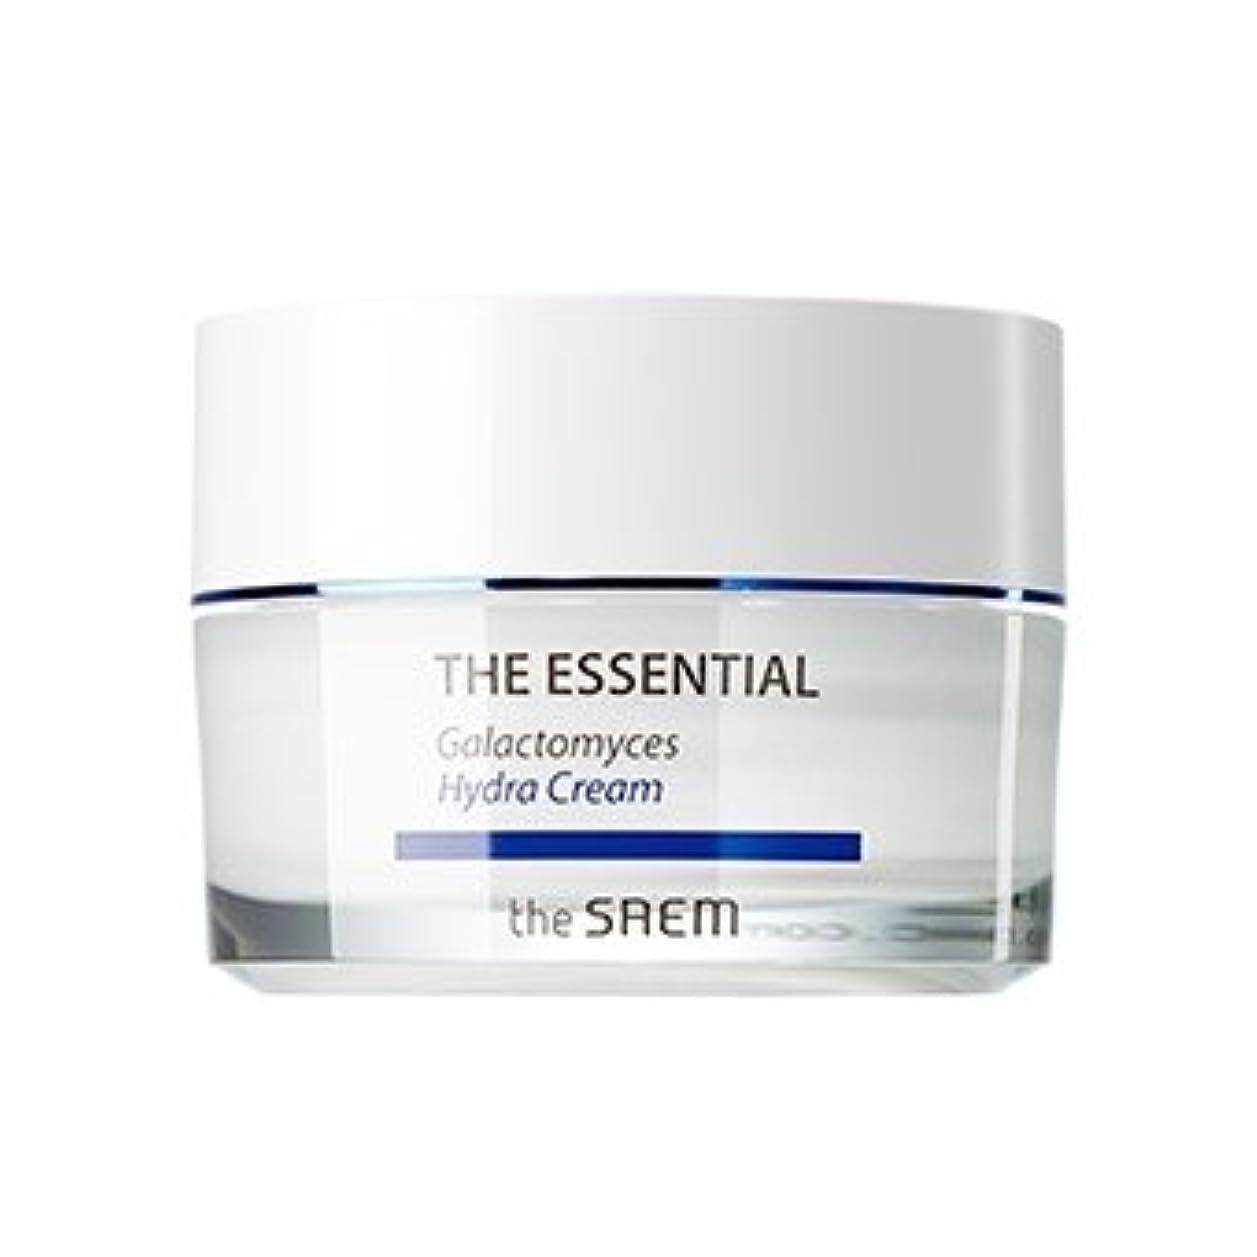 ご飯大腿見物人the SAEM The Essential Galactomyces Hydra Cream 50ml/ザセム ザ エッセンシャル ガラクトミセス ハイドラ クリーム 50ml [並行輸入品]